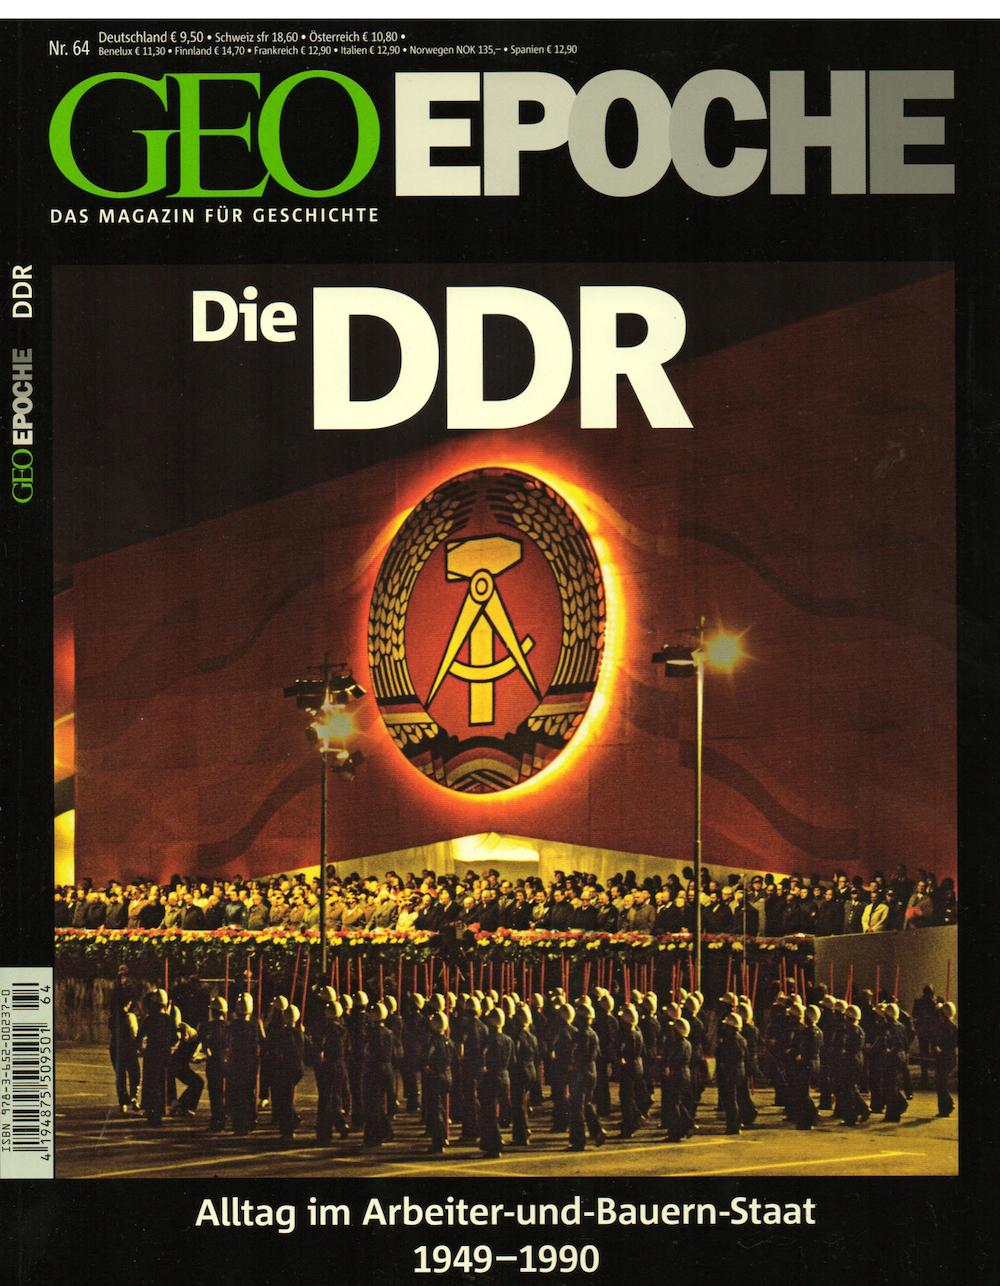 GEO Epoche 2014-64 Die DDR